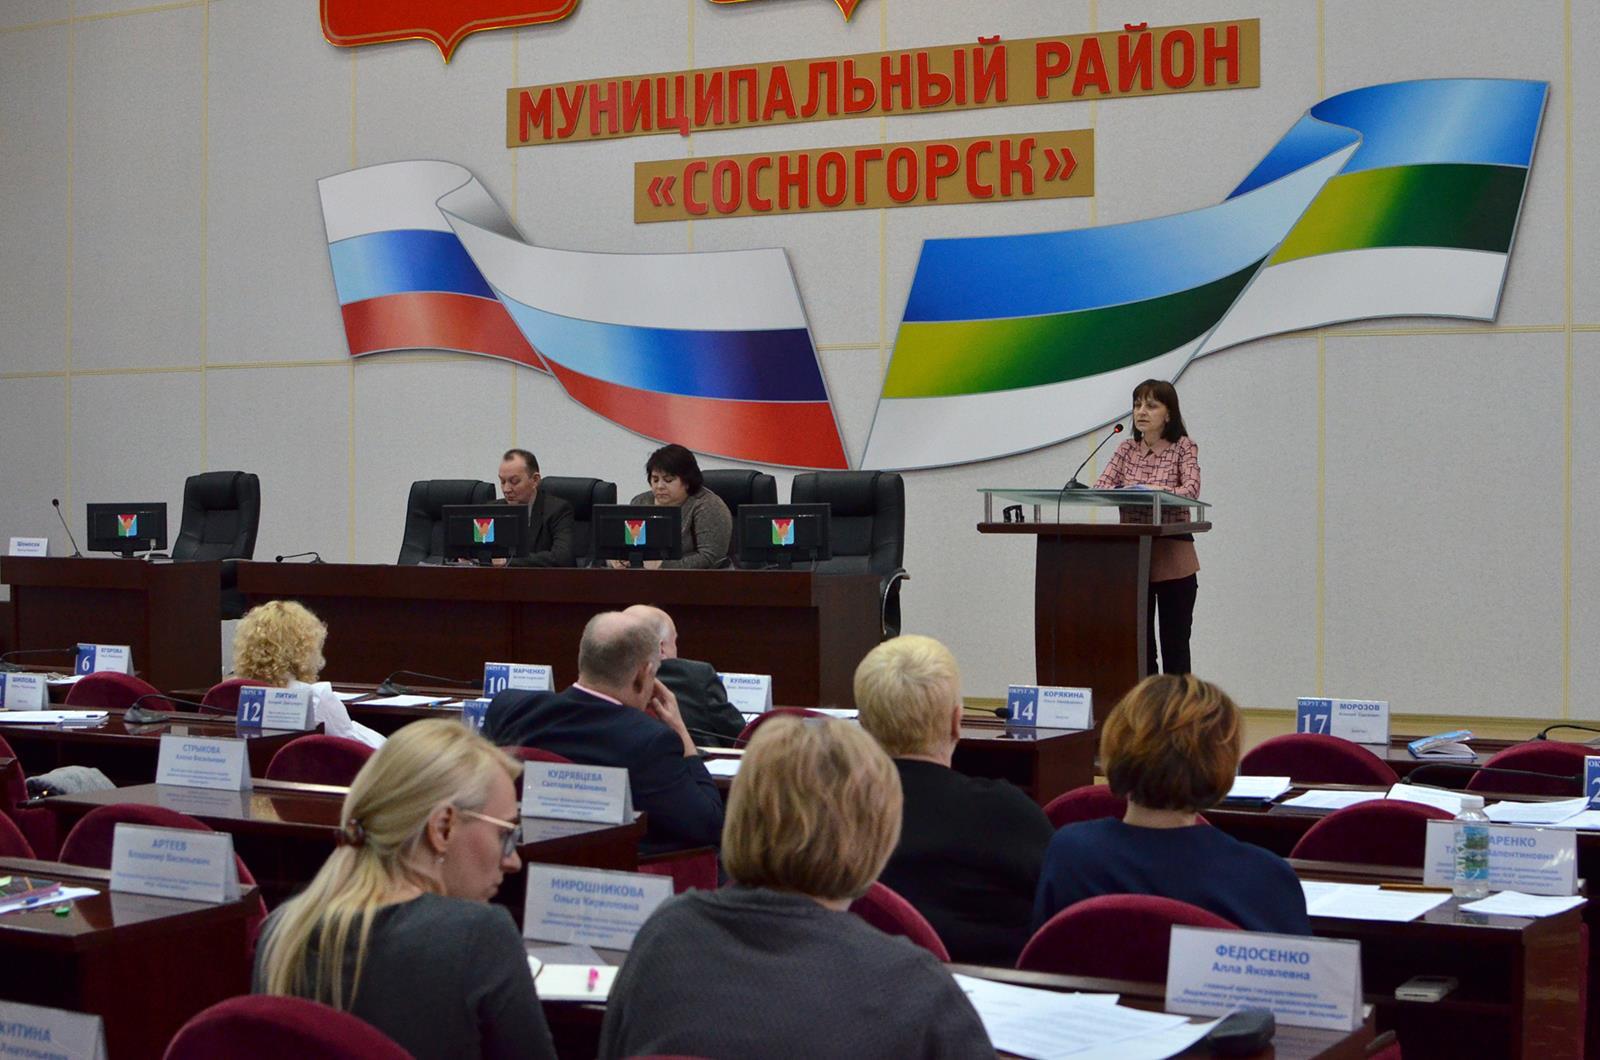 Sosnogorsk_26.01.2018-1.jpg